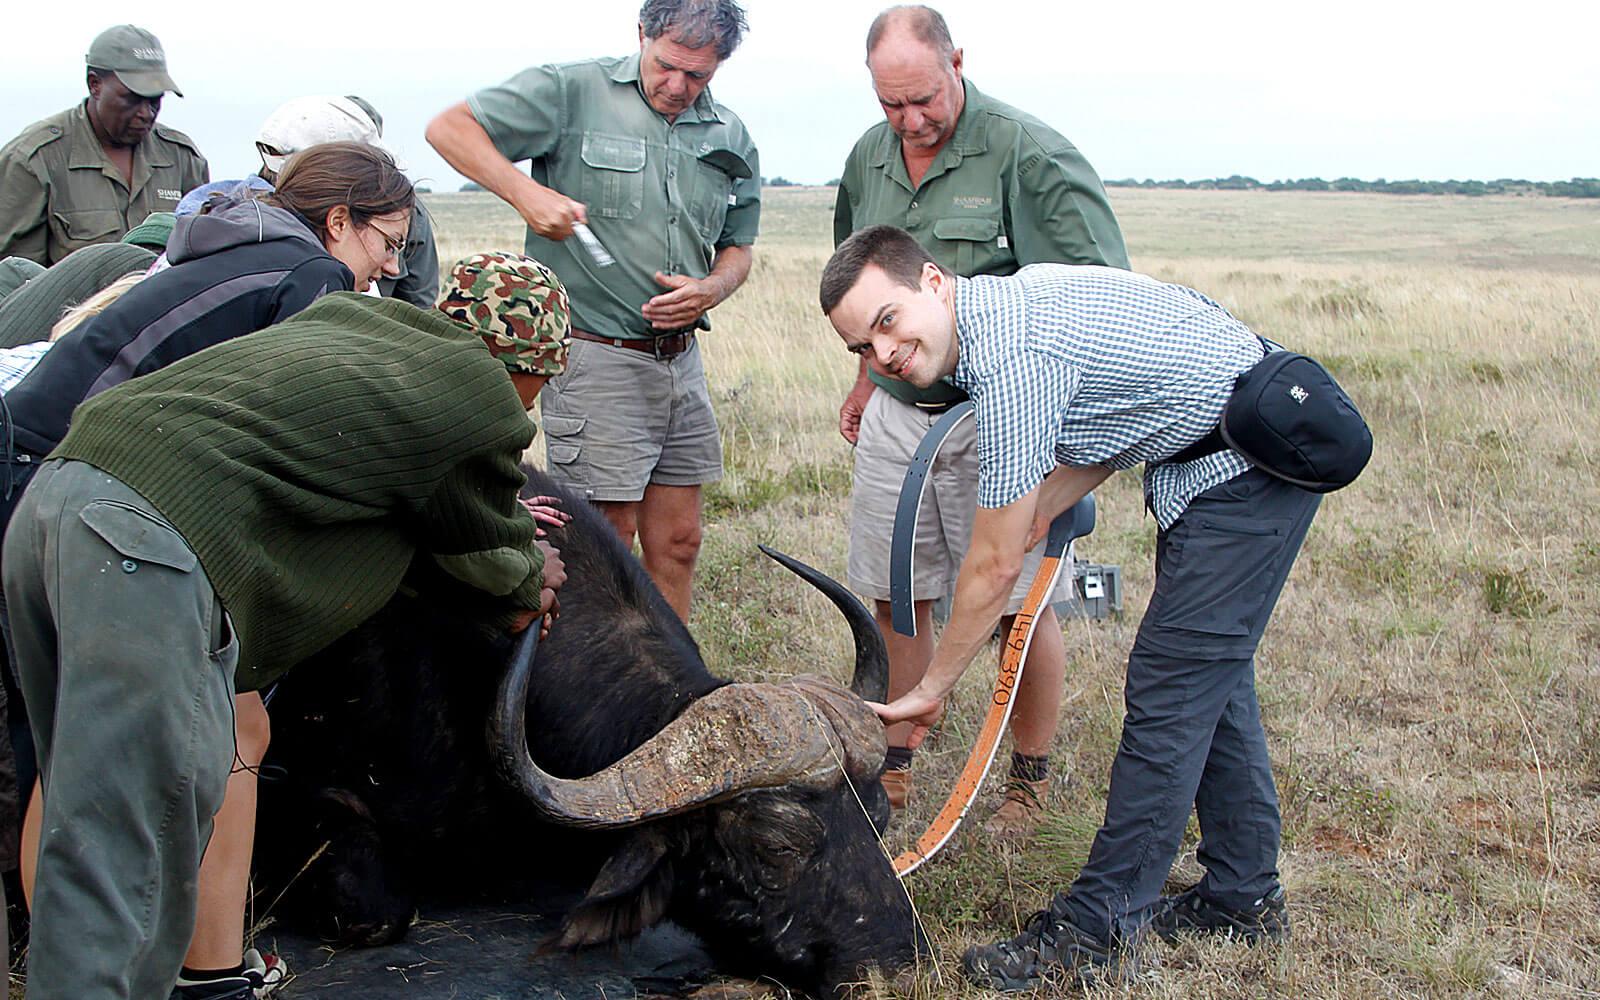 Nicolas und andere Männer beim Büffelaussetzen